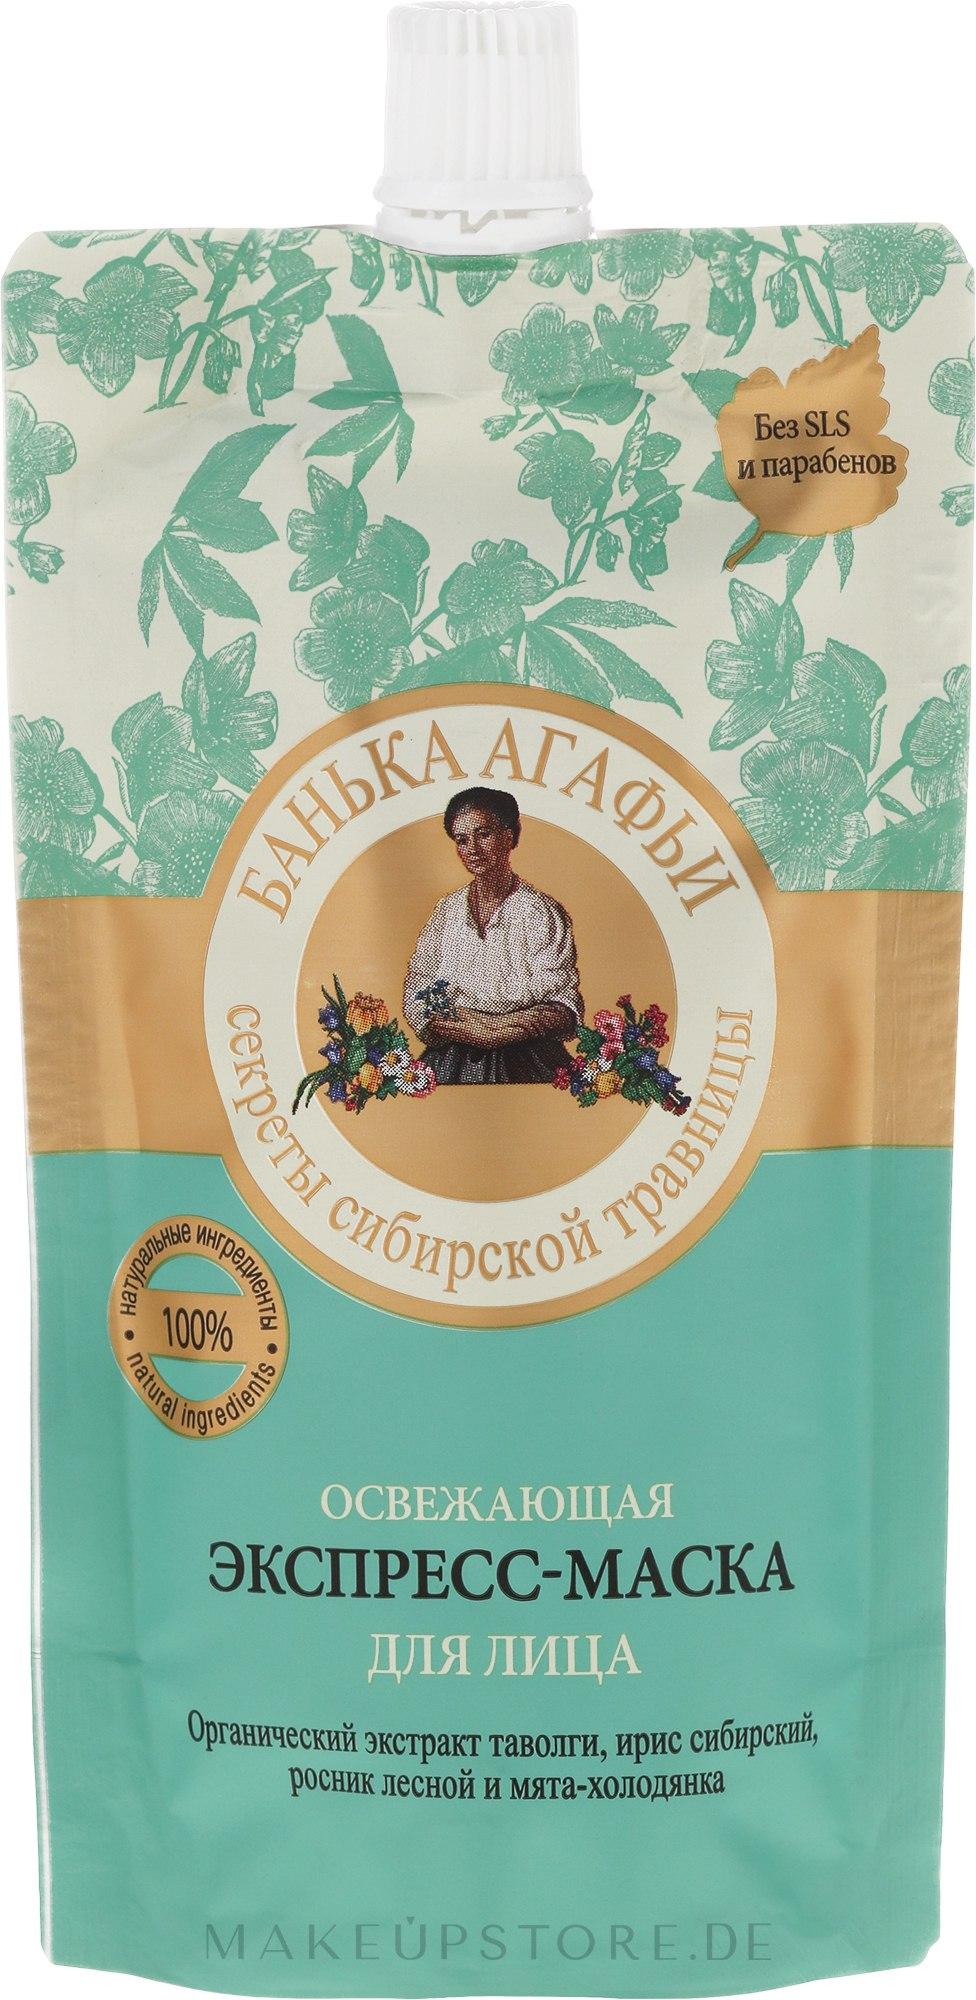 Erfrischungsmaske für Gesicht mit sibirischer Irisextrakt, Minze und Bio-Olivenöl - Rezepte der Oma Agafja — Bild 100 ml